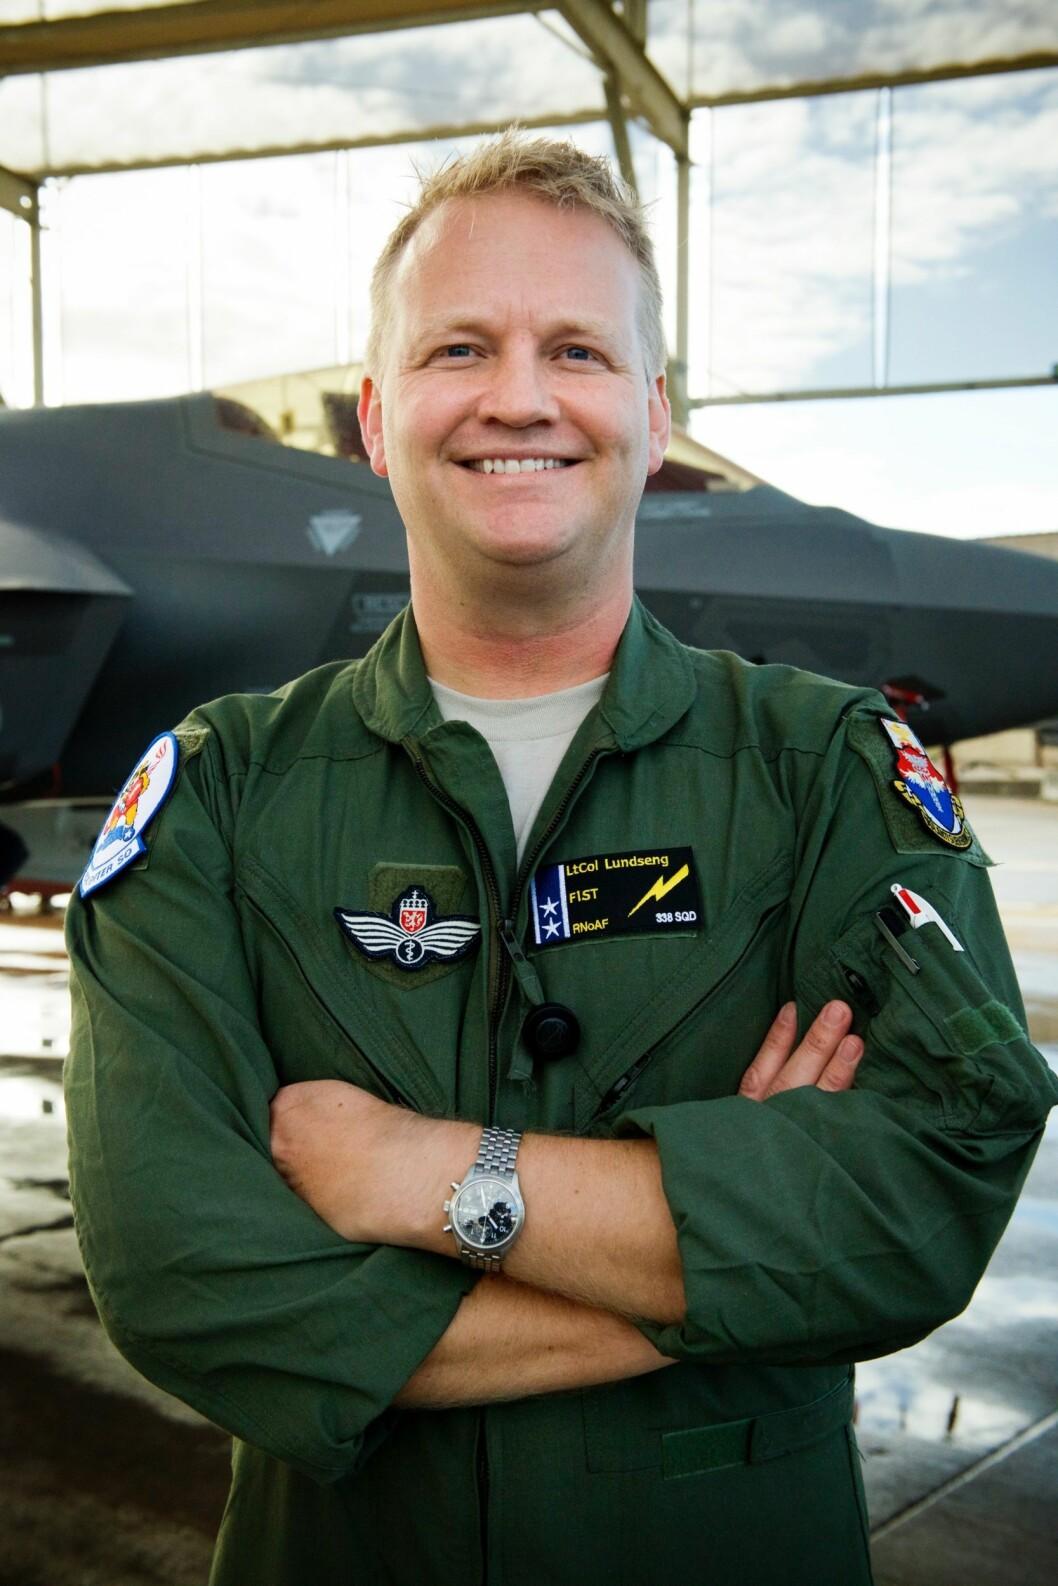 MENNESKET OG MASKINEN: Odd-Ivar Lundseng jobber som\nlege for de norske F-35-pilotene på Luke Air Force Base i Arizona. Han er opptatt av hvordan mennesket interagerer i og med\nmaskinen.